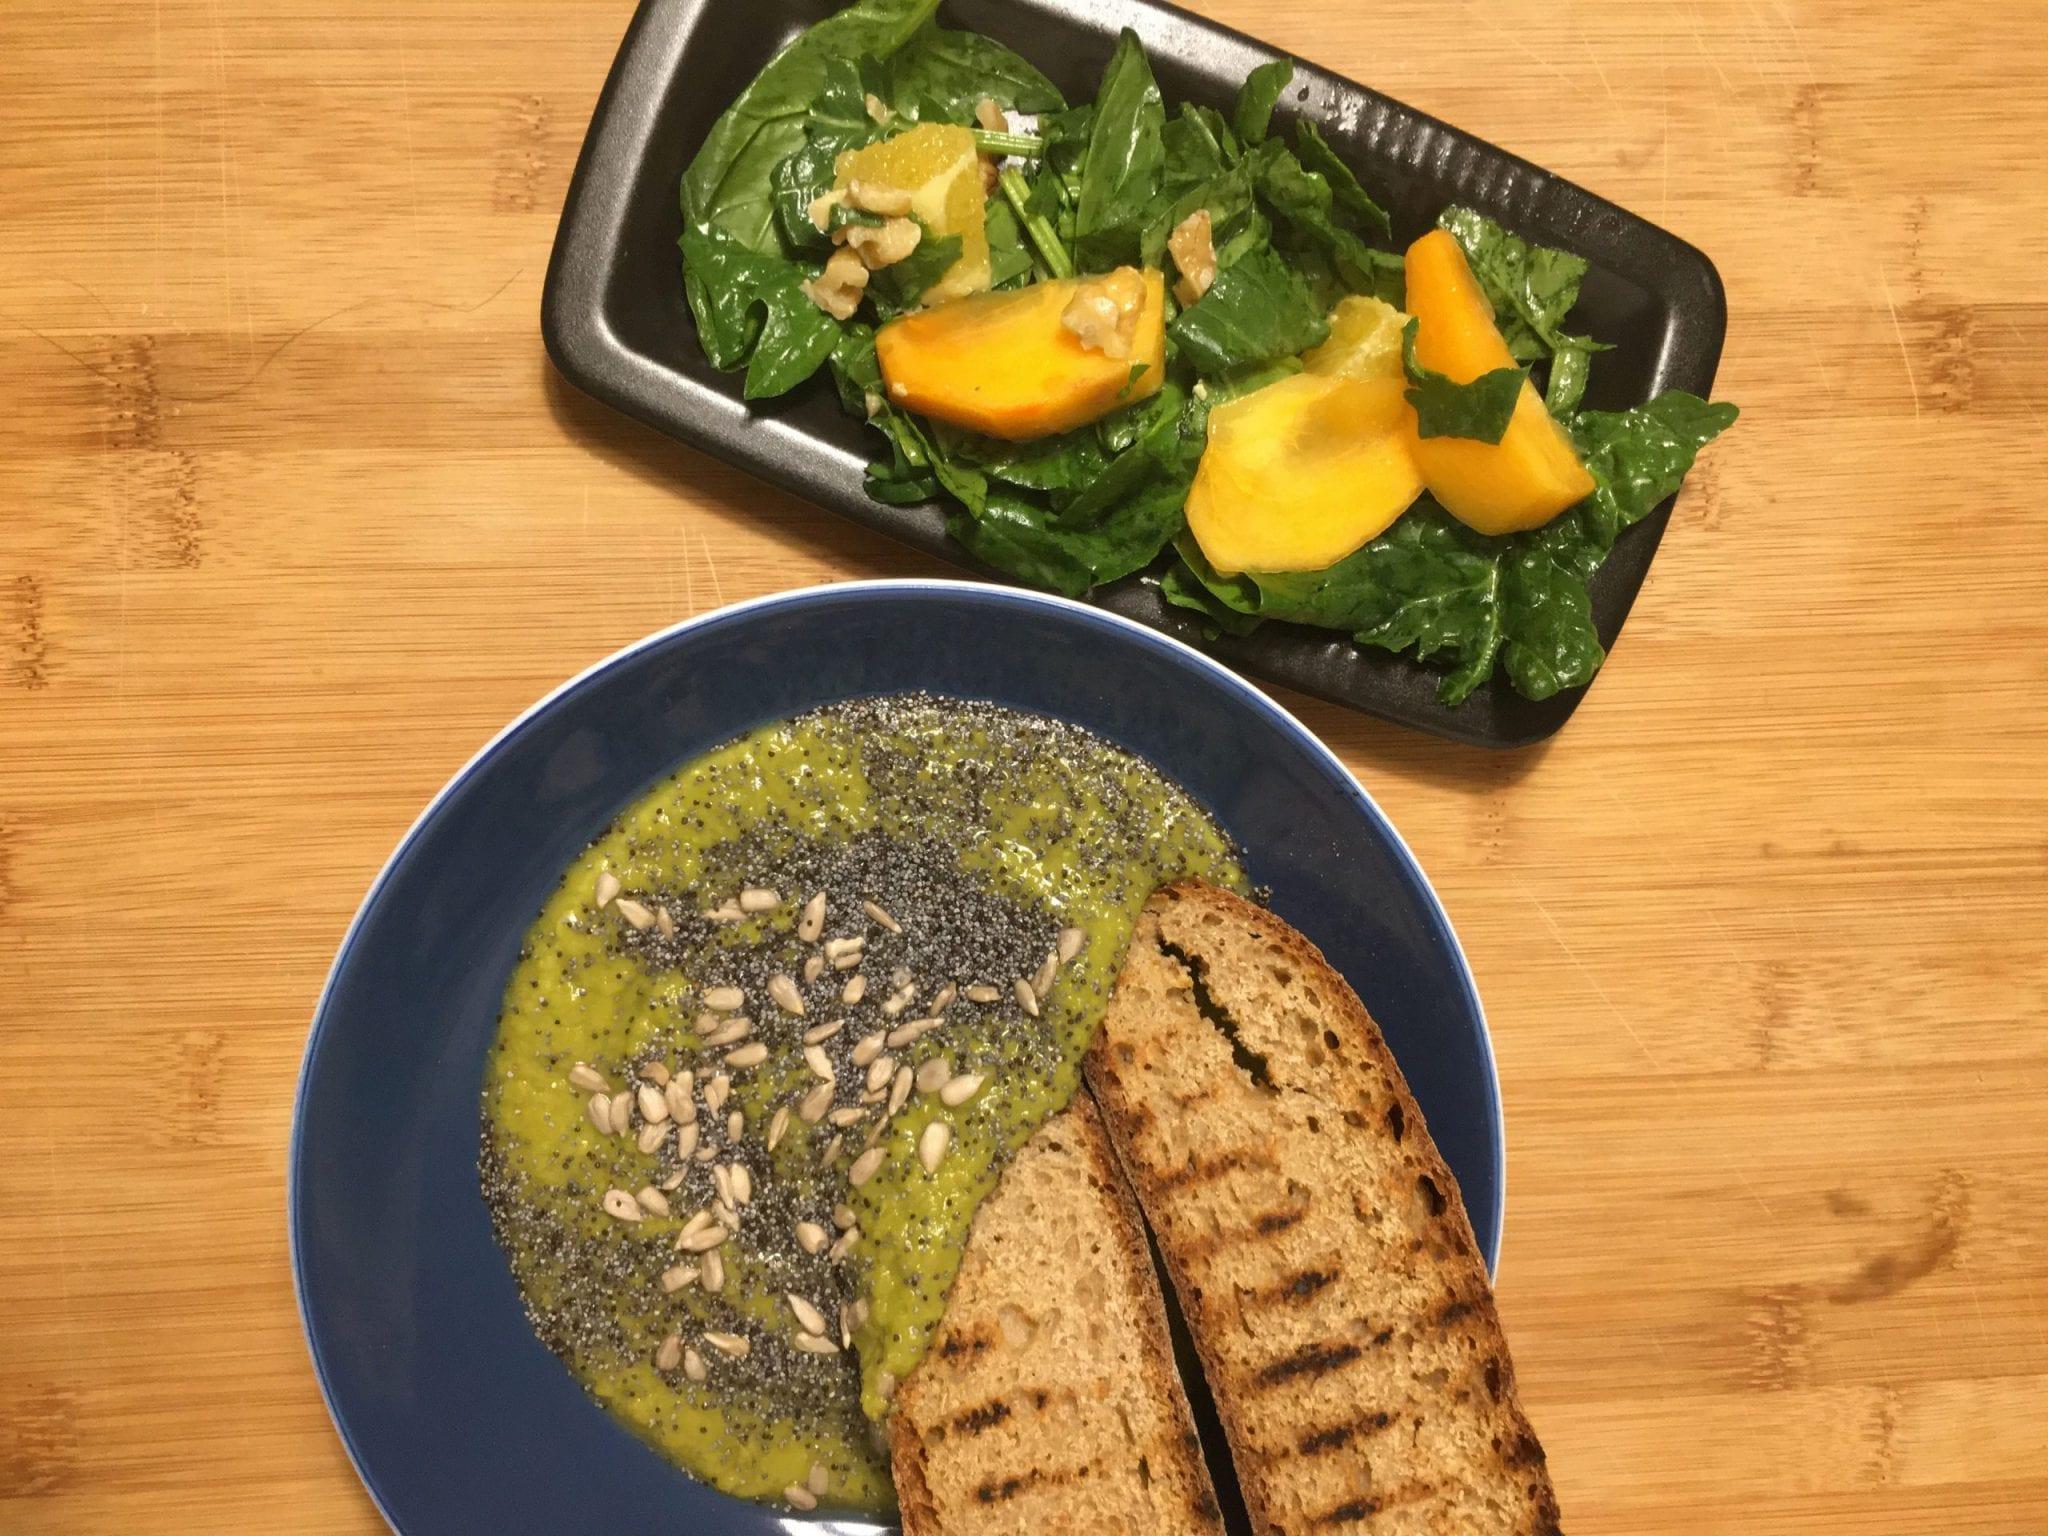 vellutata di piselli e insalata di cachi e spinaci - settimana vegana - LE Plume